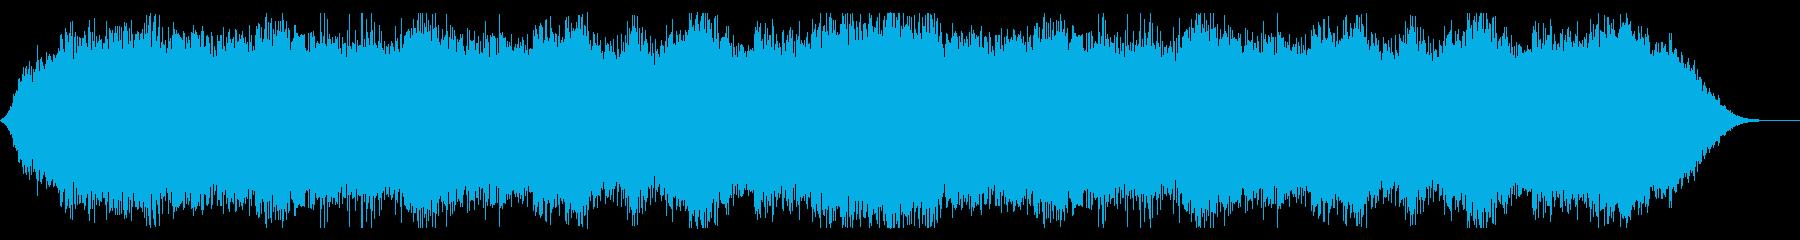 Dark_ホラーで怪しく神秘的-24_Lの再生済みの波形